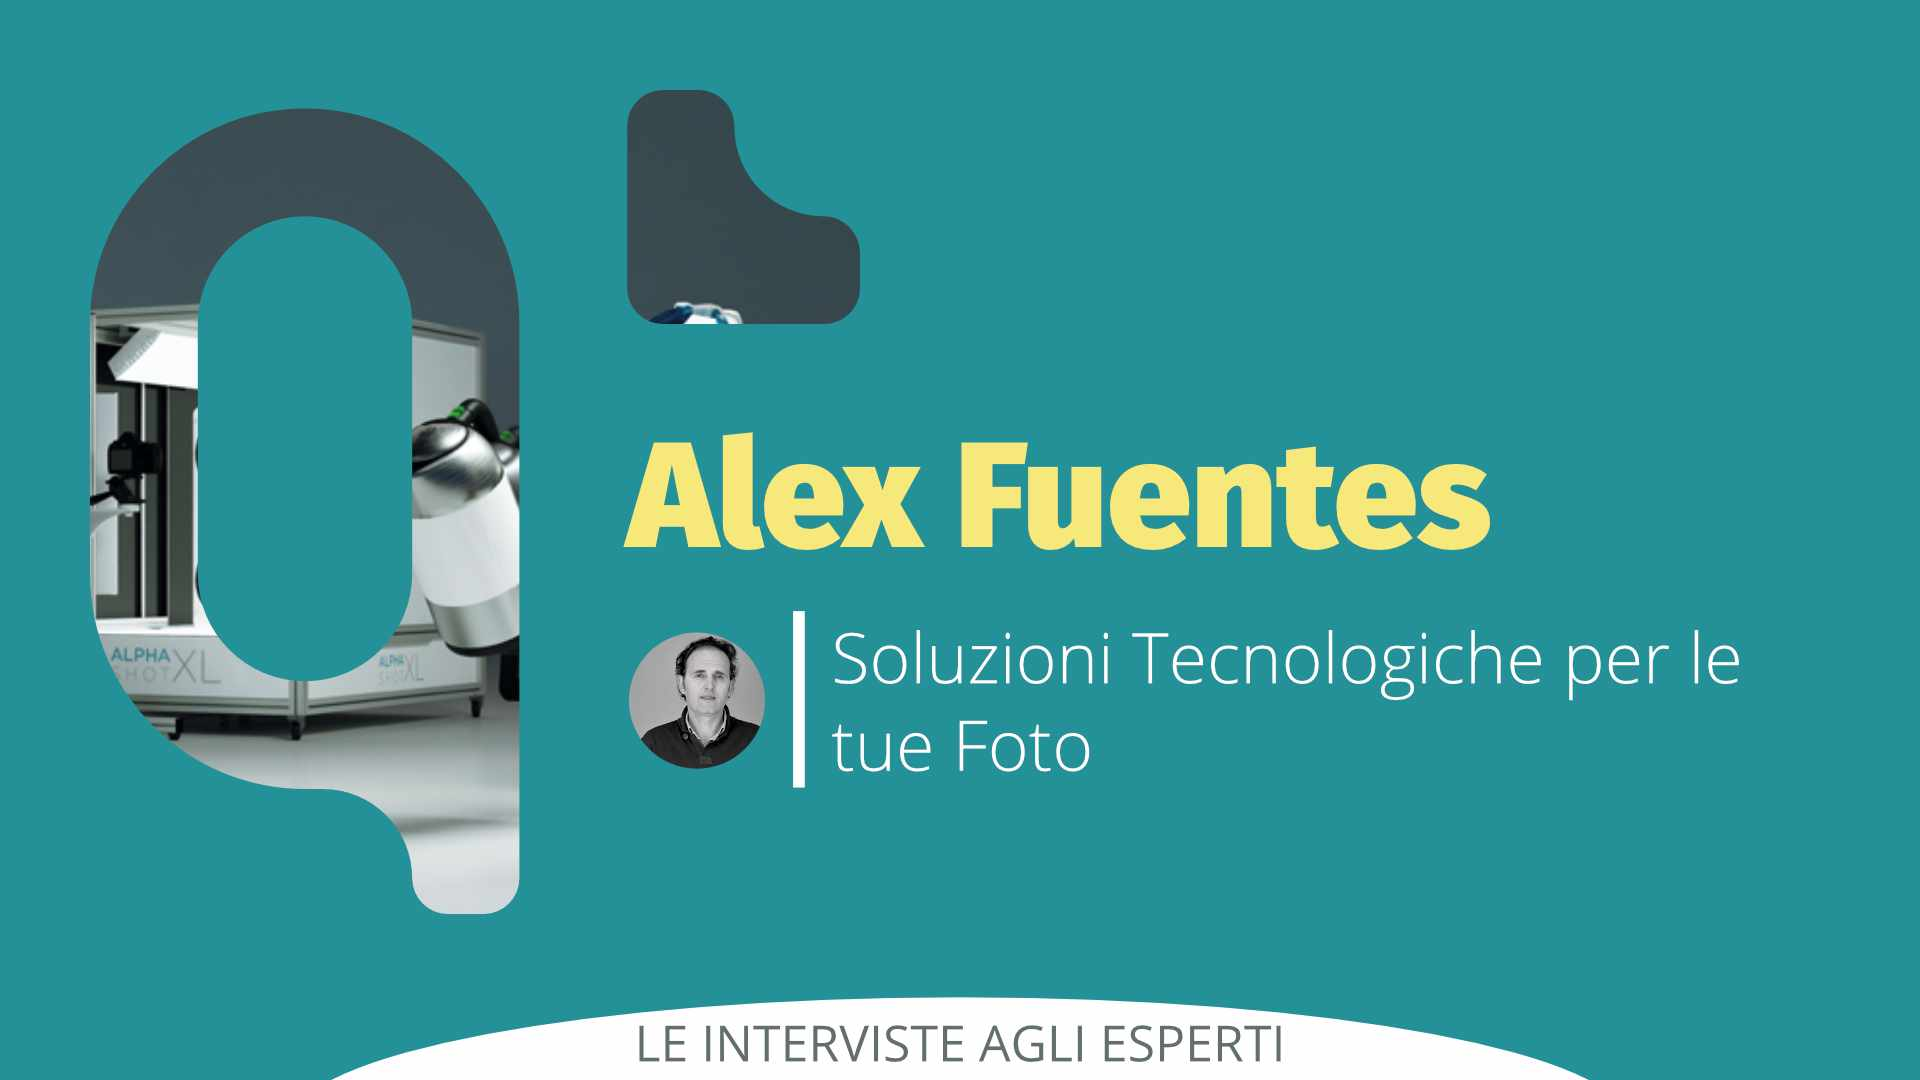 Soluzioni Tecnologiche per le tue Foto: Intervista a Alex Fuentes